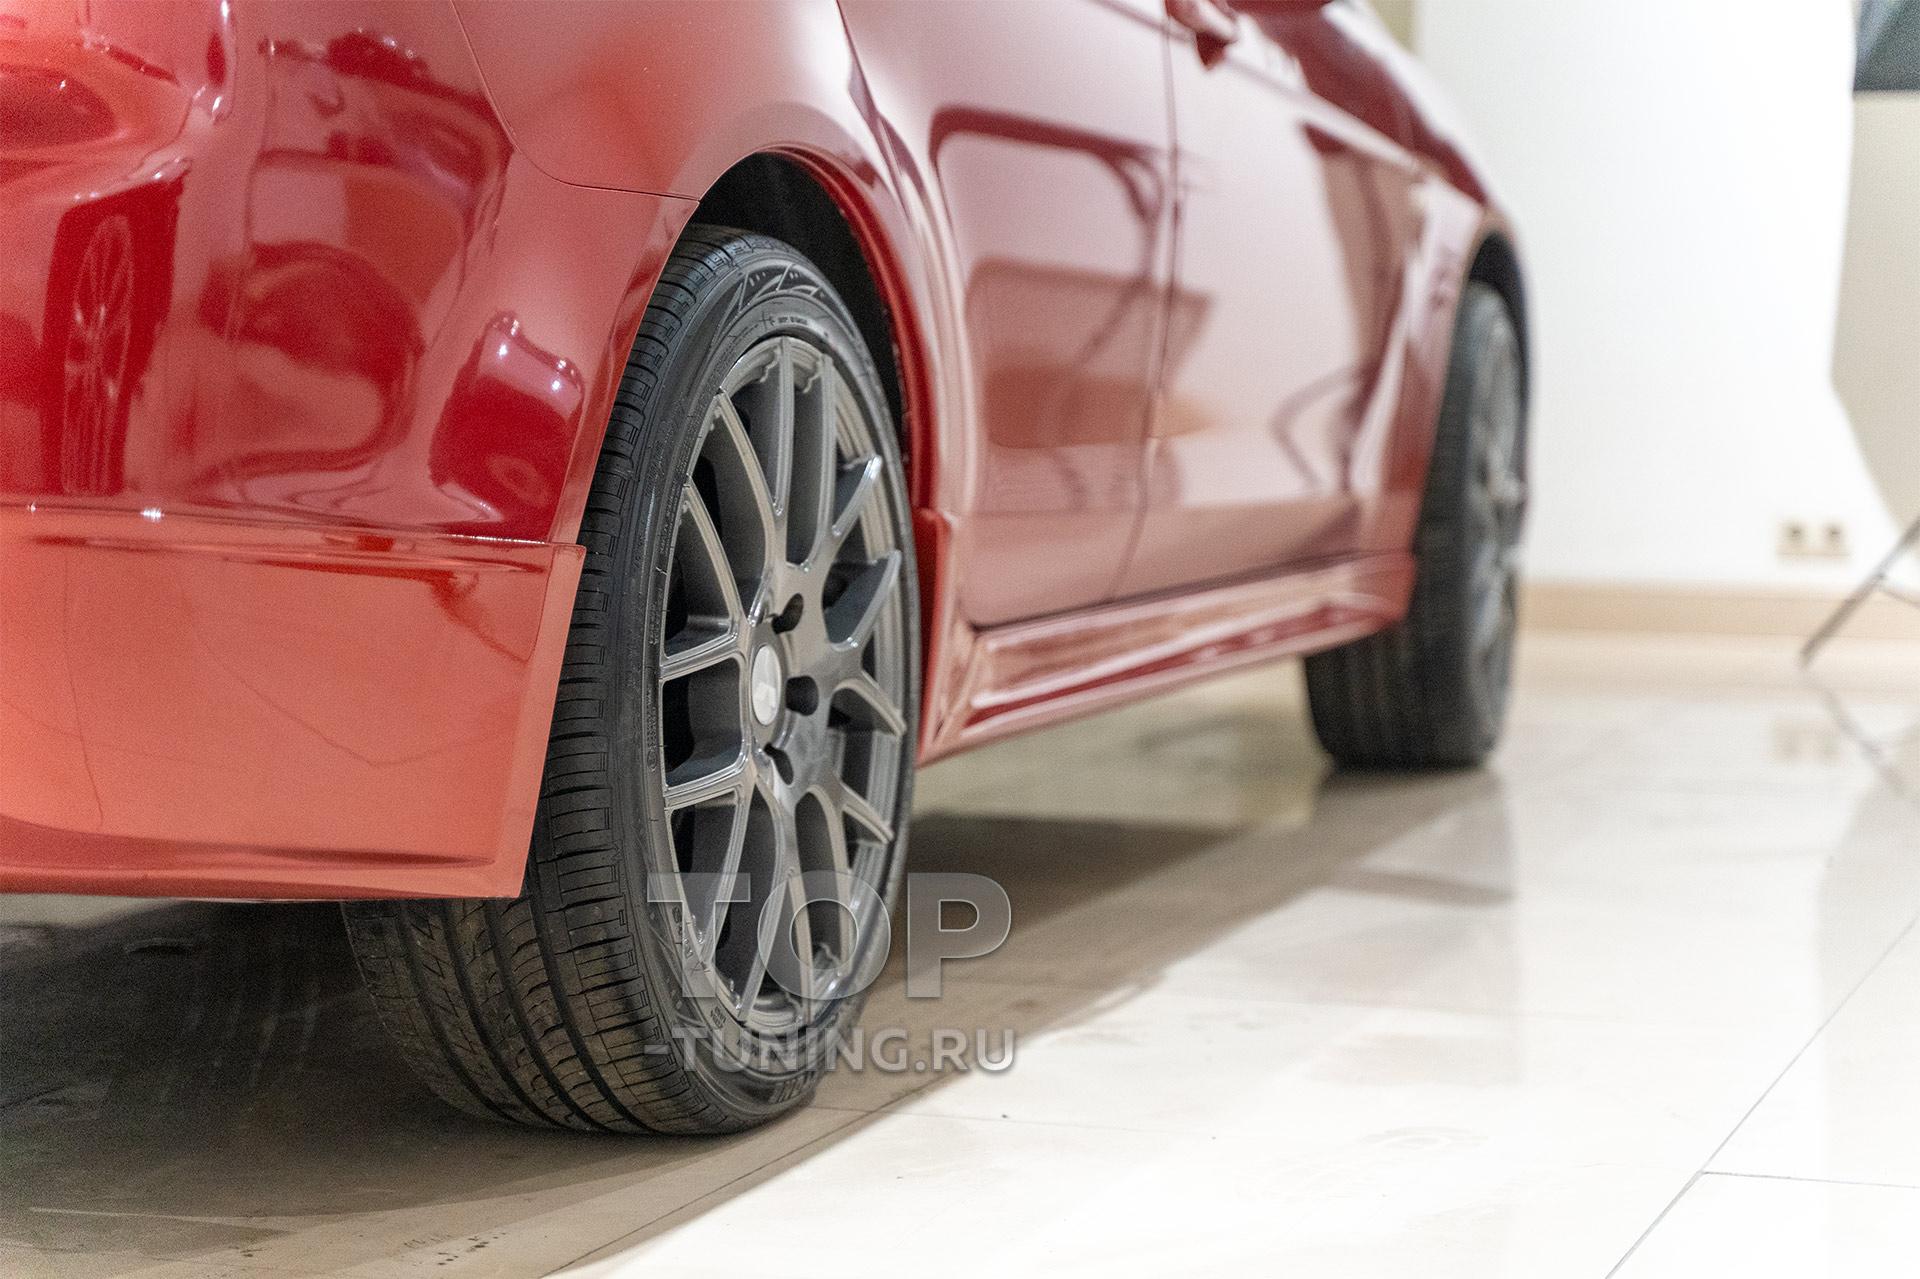 Тюнинг Лансер 10 - Пороги от версии 2.0 Спорт. Купить в цвет кузова. Пластик.